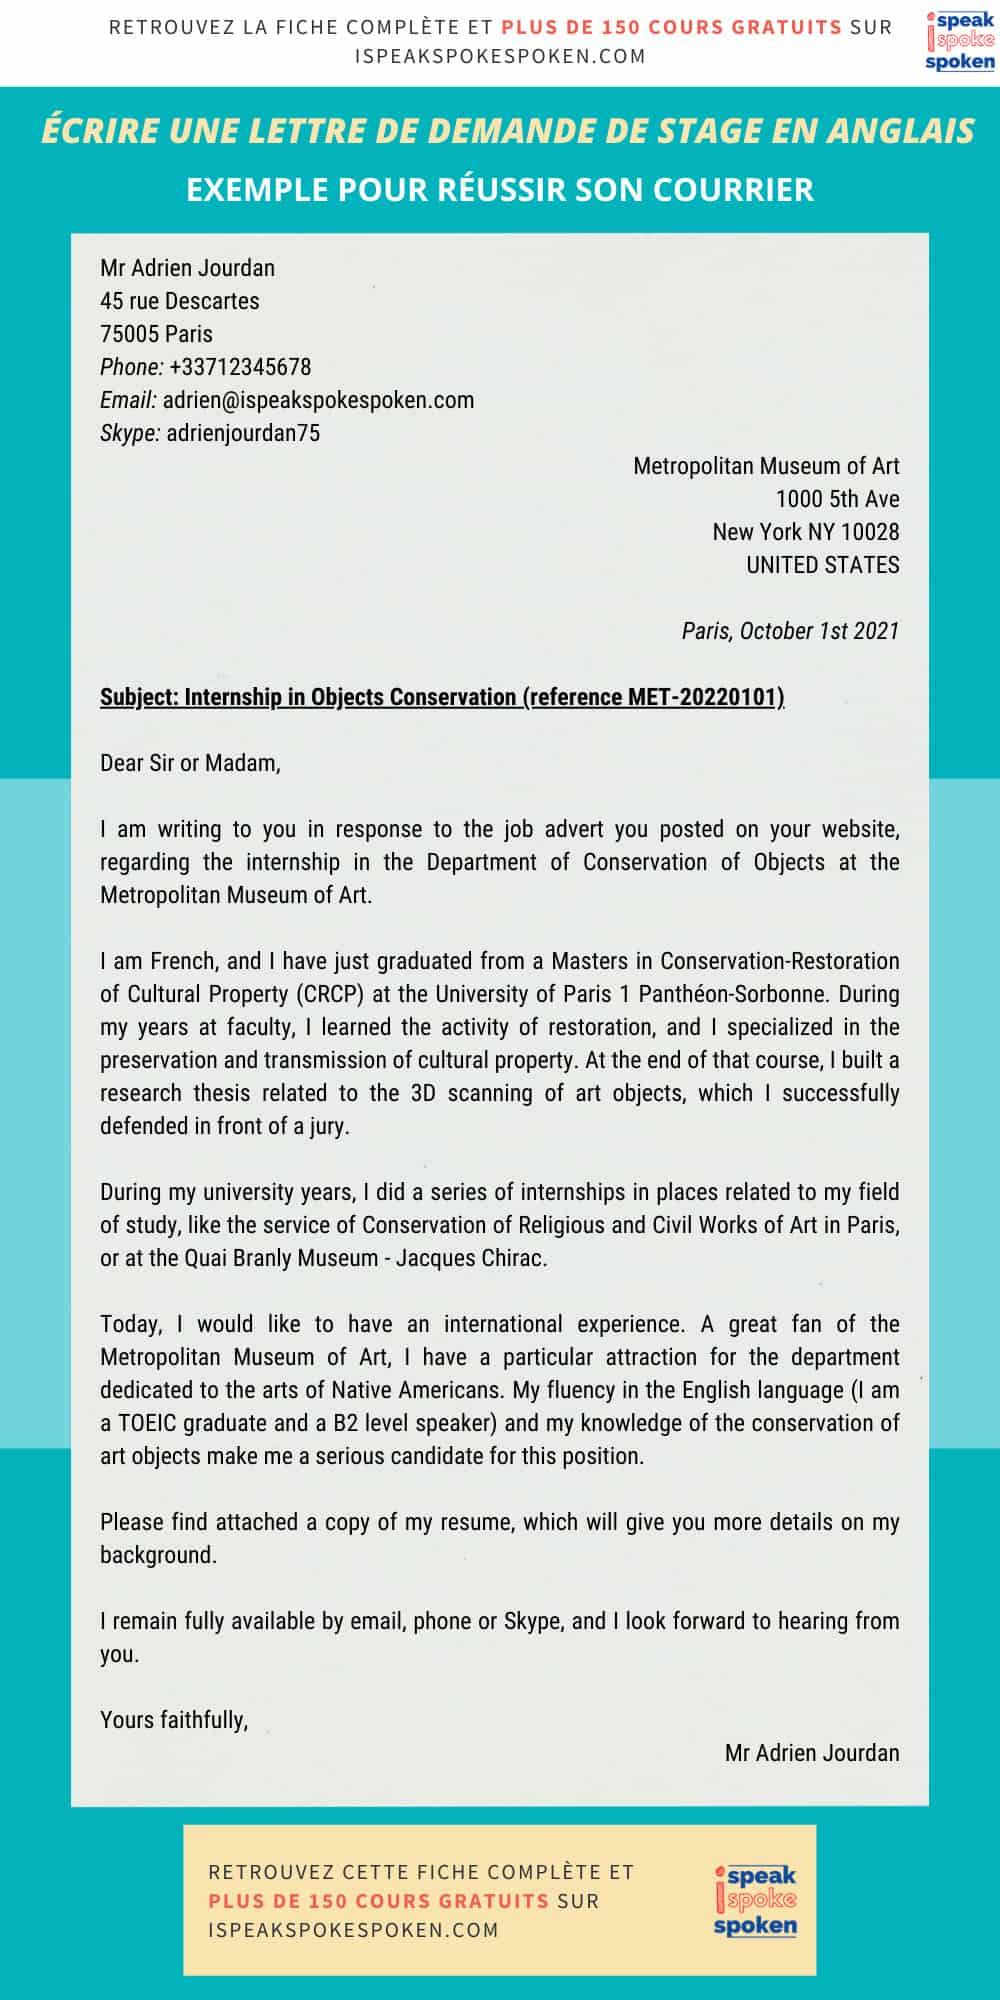 Exemple d'une lettre de demande de stage en anglais